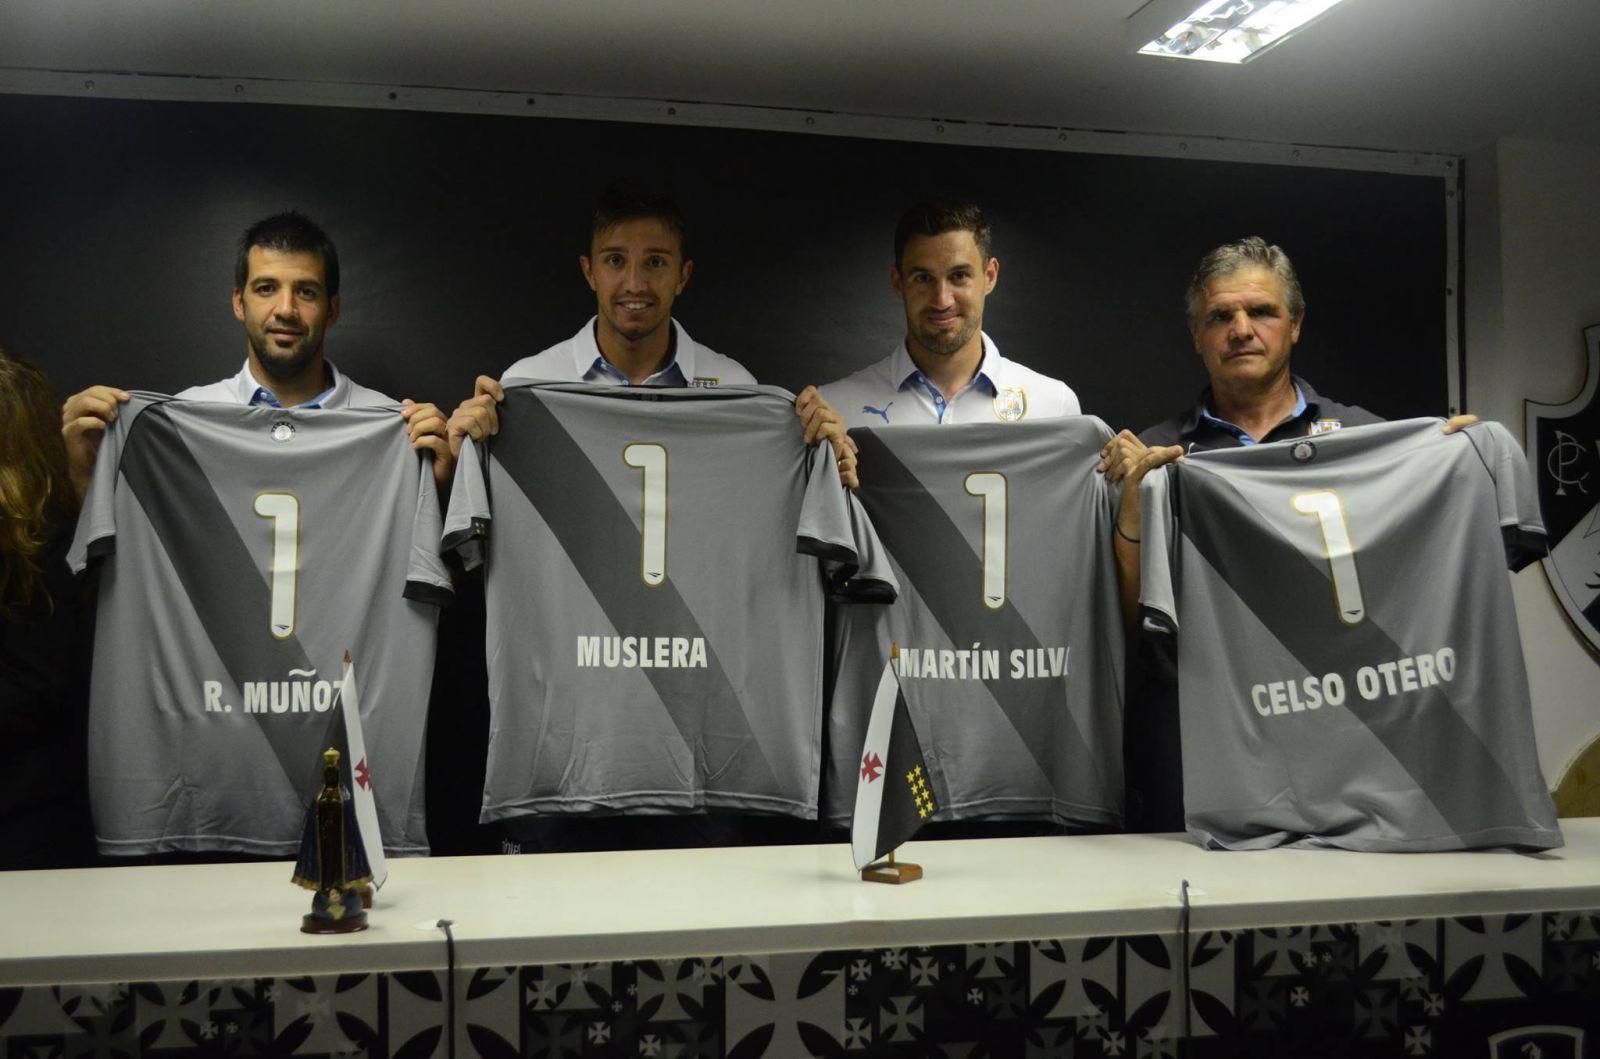 b5f31fd490795 Martín Silva ao lado dos companheiros de Uruguai. James Rodrigues recebeu  camisa do Vasco ...